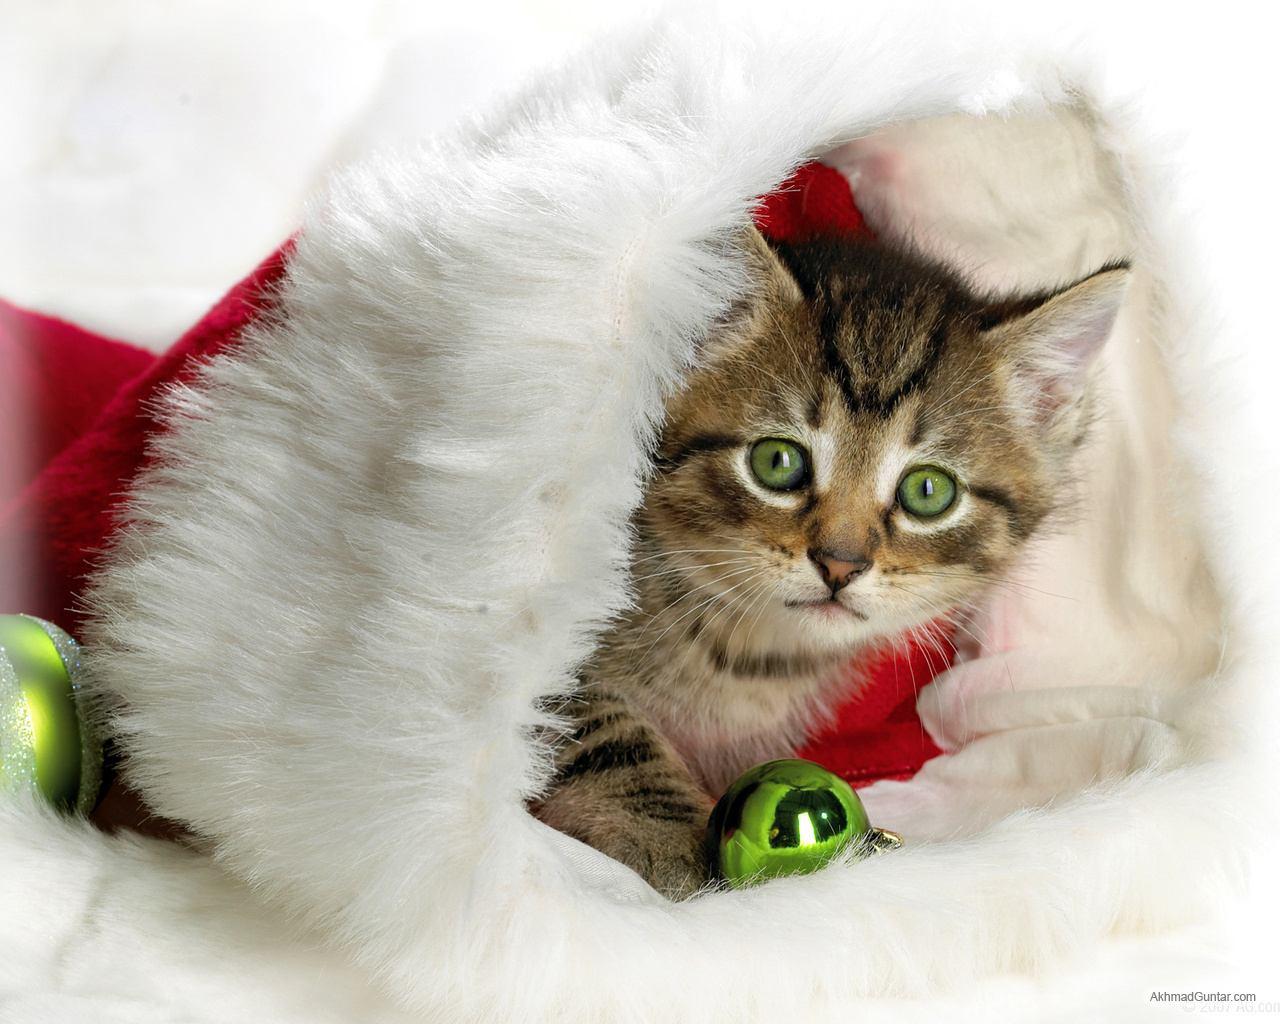 http://4.bp.blogspot.com/-NqaXXaaODy4/TdXtknb4laI/AAAAAAAAAAU/l4ZGwp4oJUk/s1600/Kucing+Guntar+%252833%2529.jpg